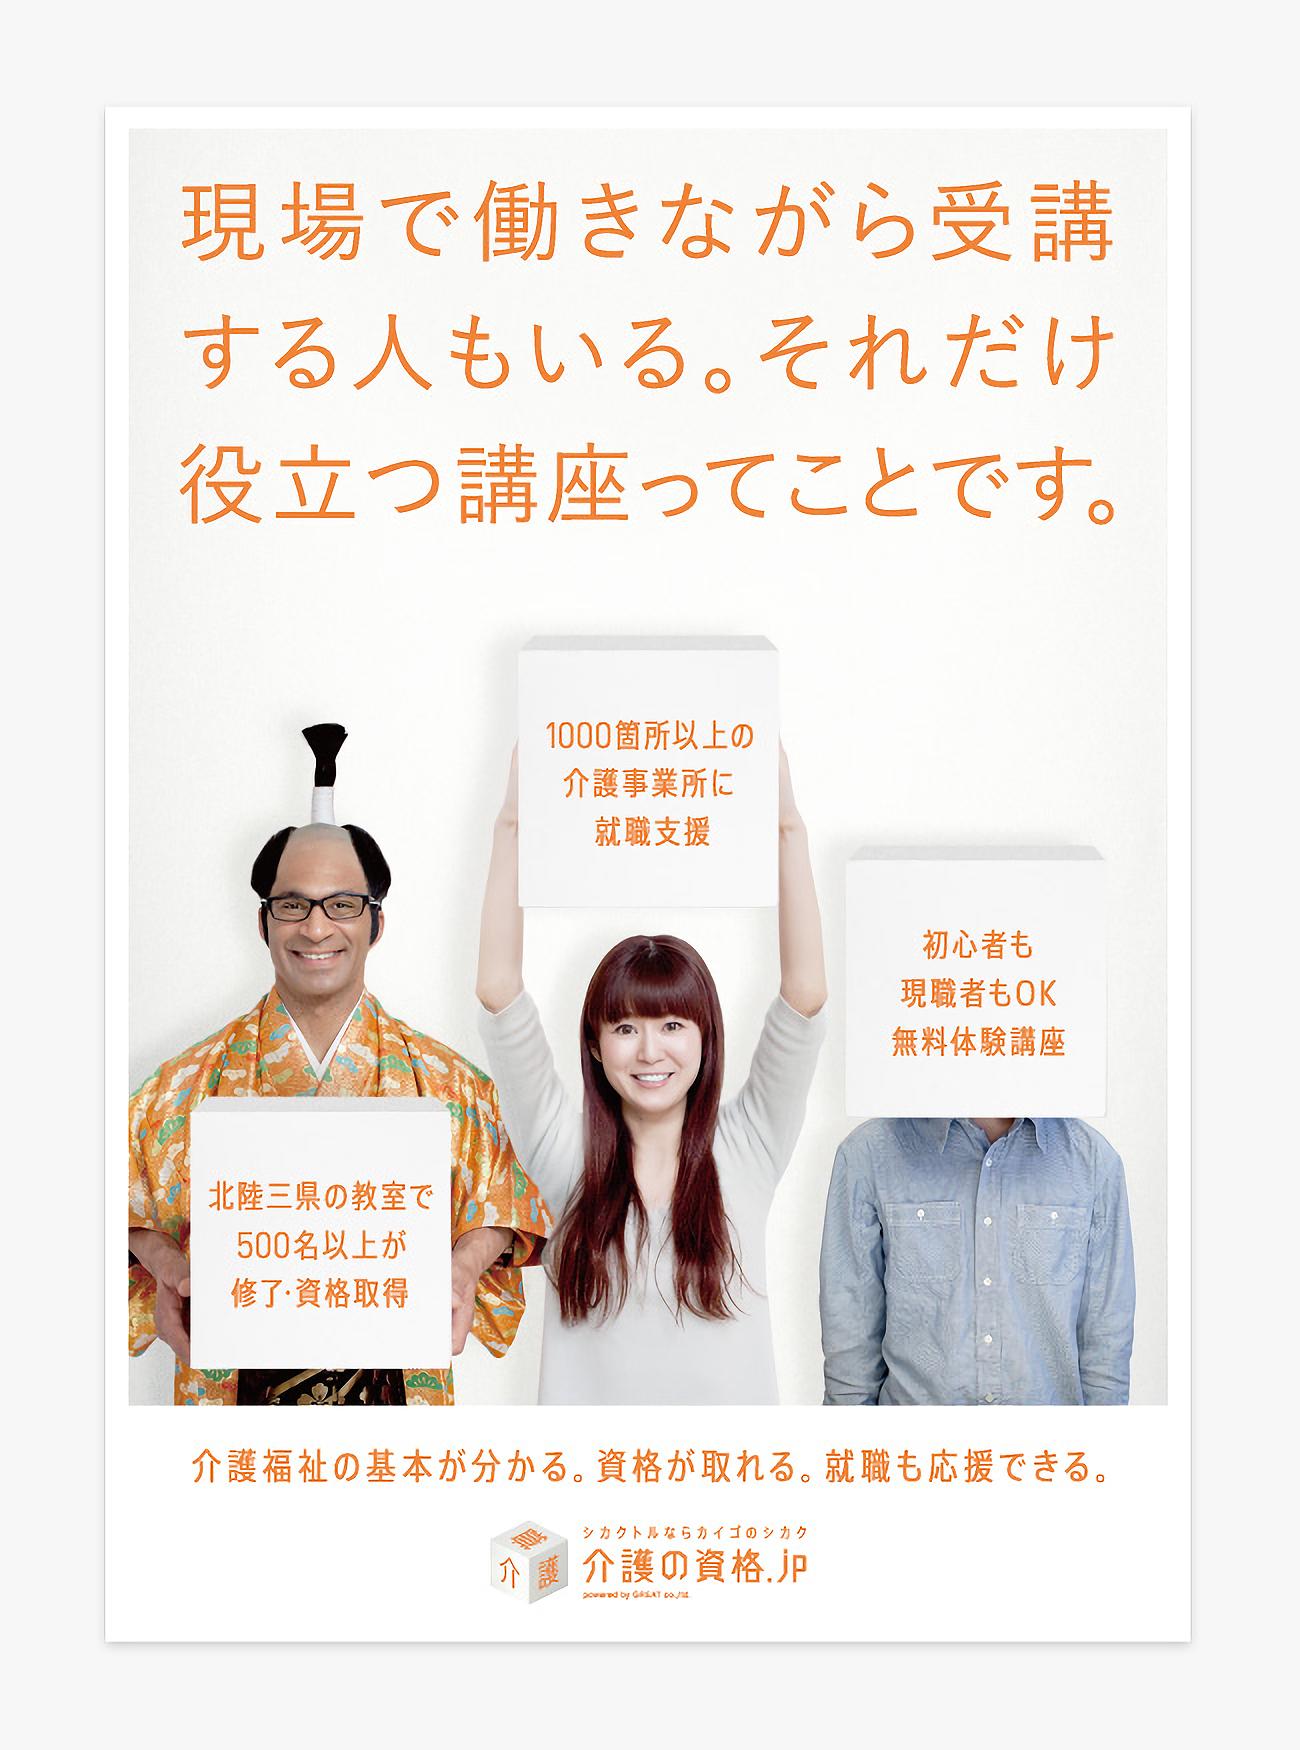 グレート「介護の資格.jp」